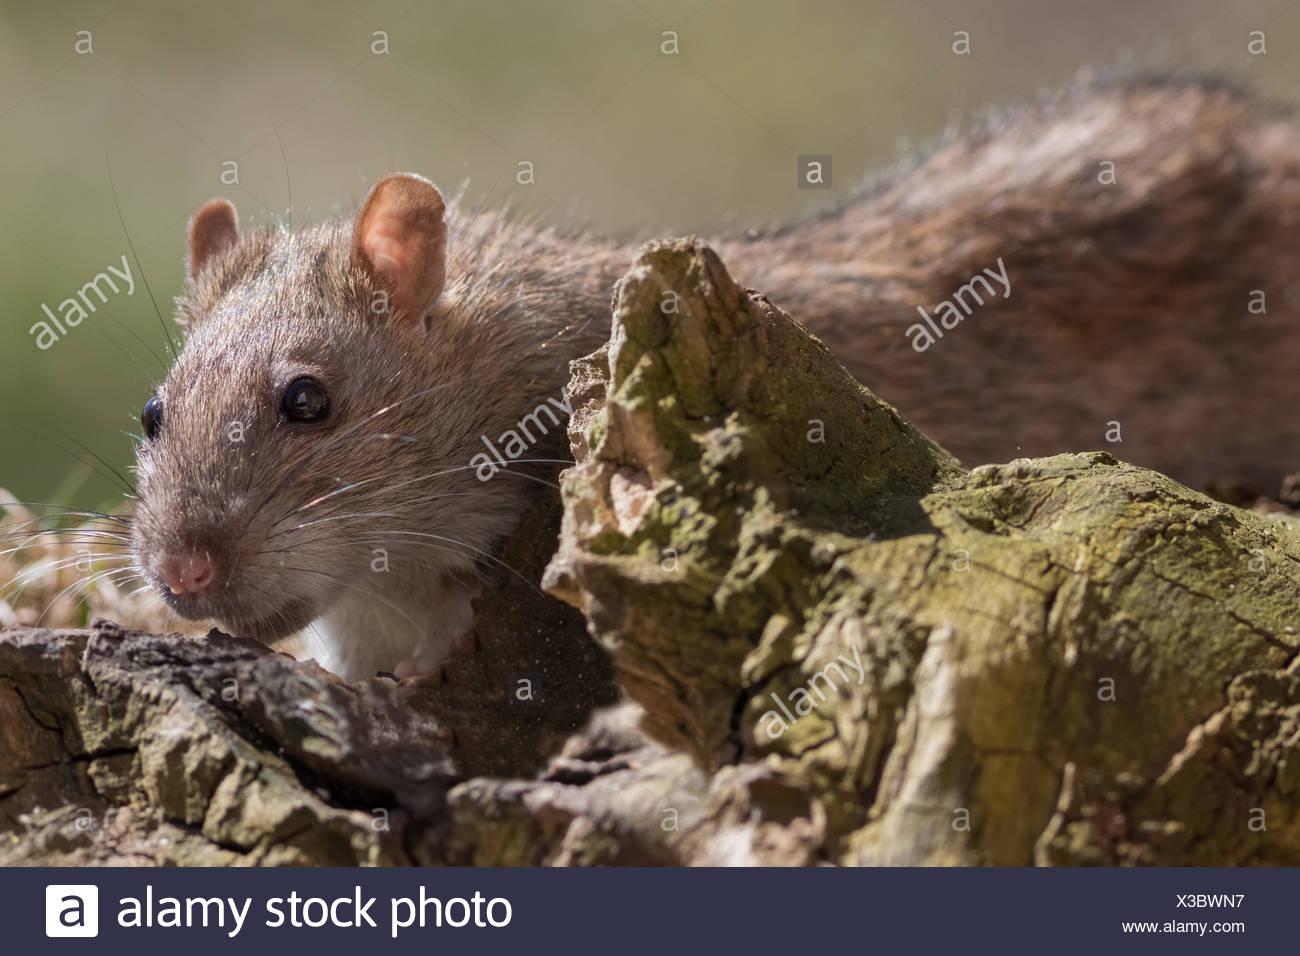 Rata de alimentación Imagen De Stock